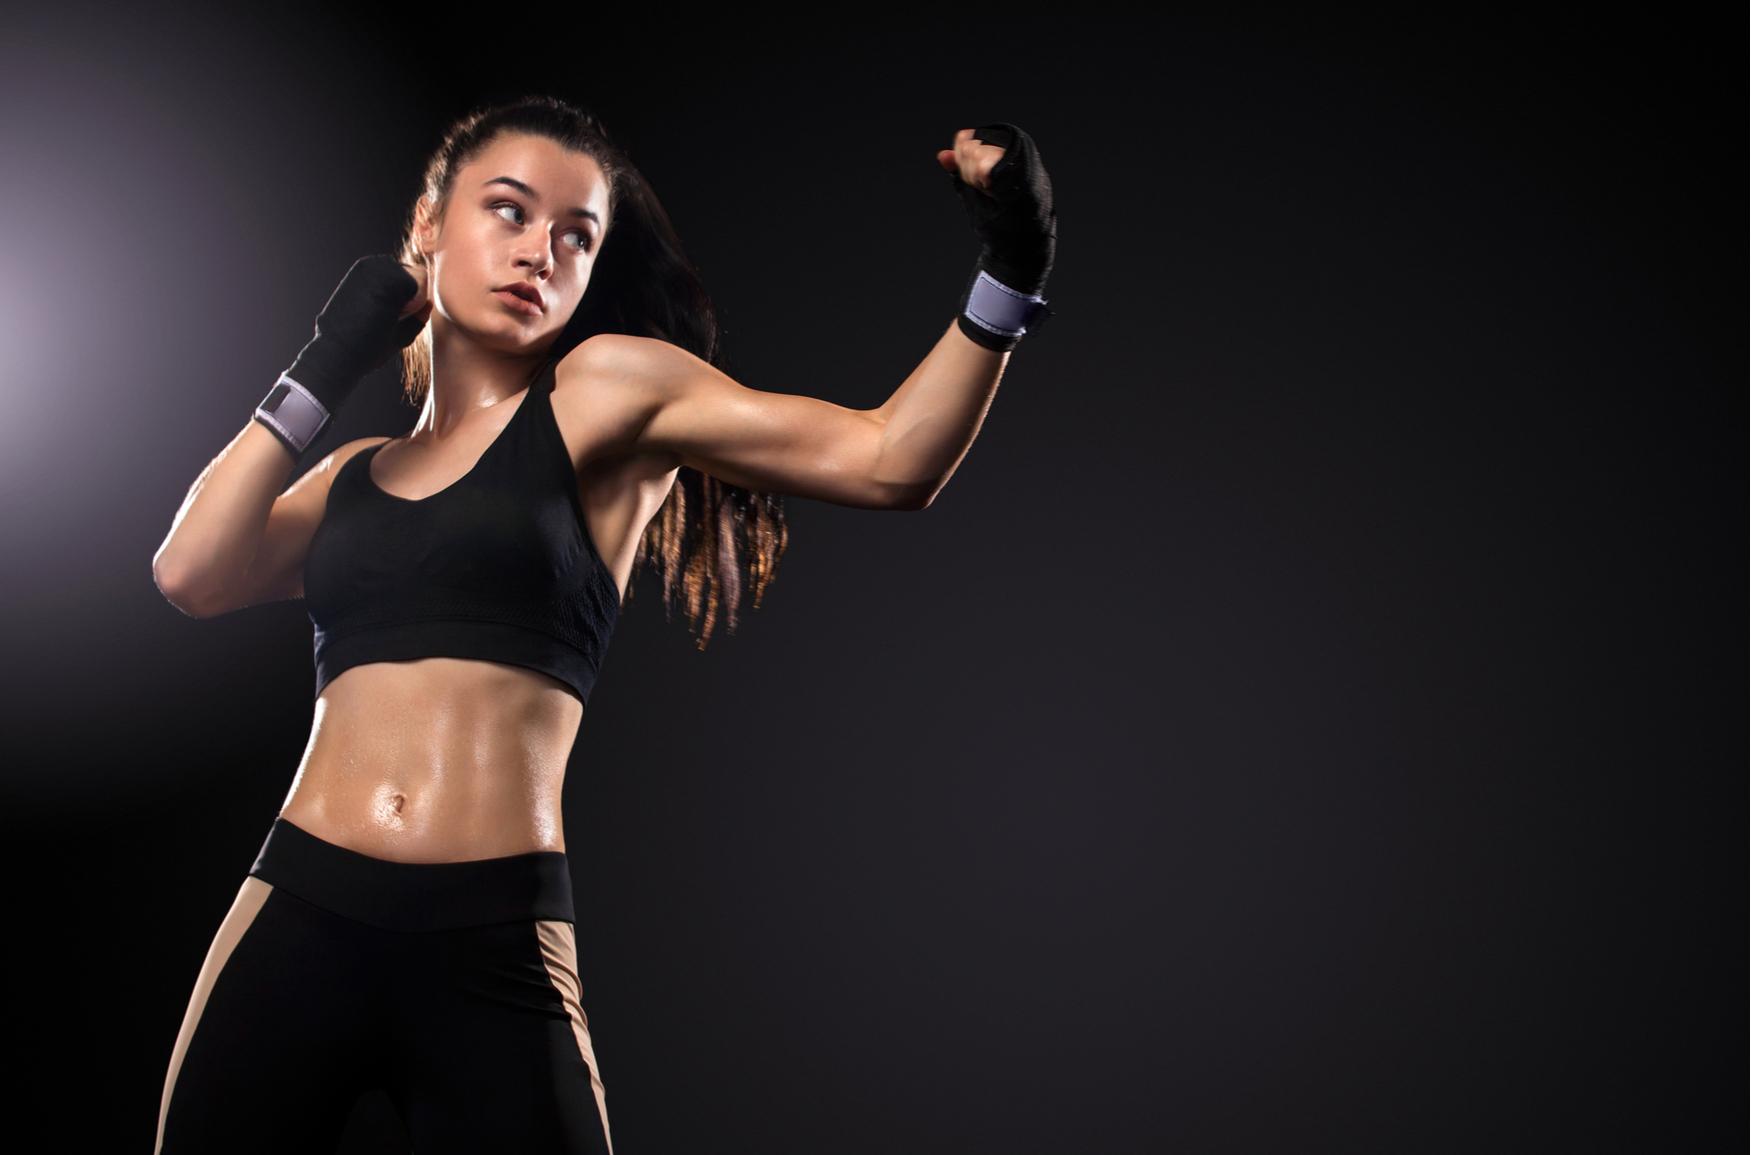 O'Fallon kickboxing classes | kickboxing classes near O'Fallon